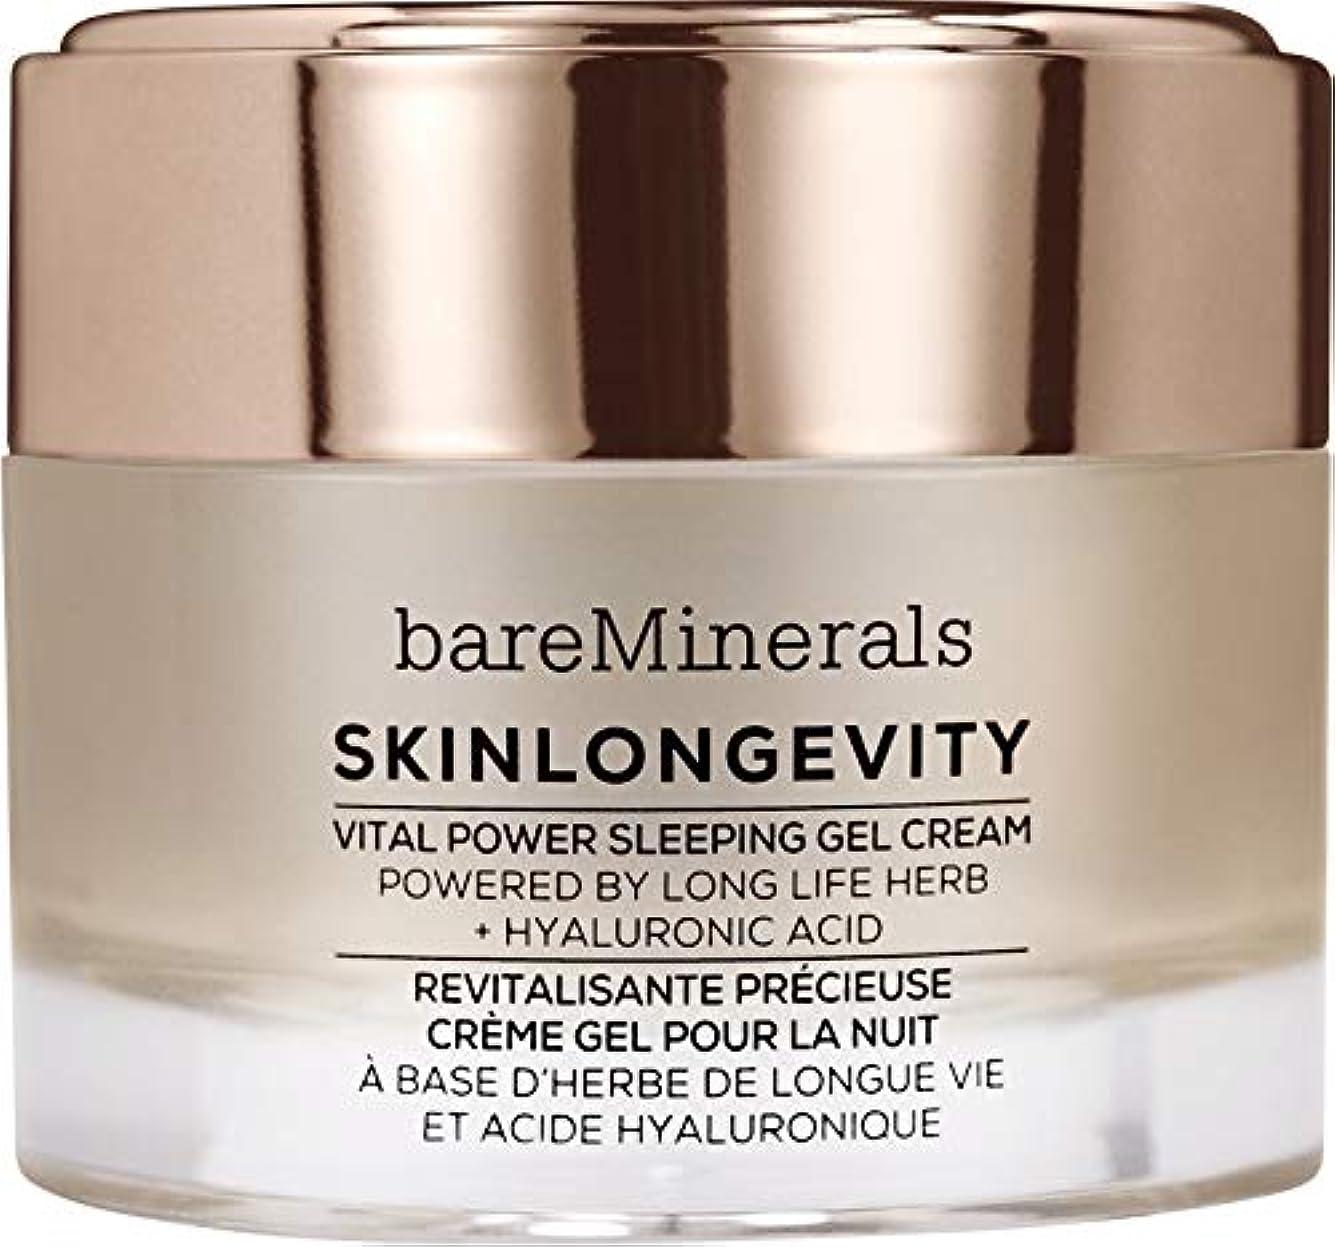 クラブ一晩騒ぎベアミネラル Skinlongevity Vital Power Sleeping Gel Cream 50g/1.7oz並行輸入品